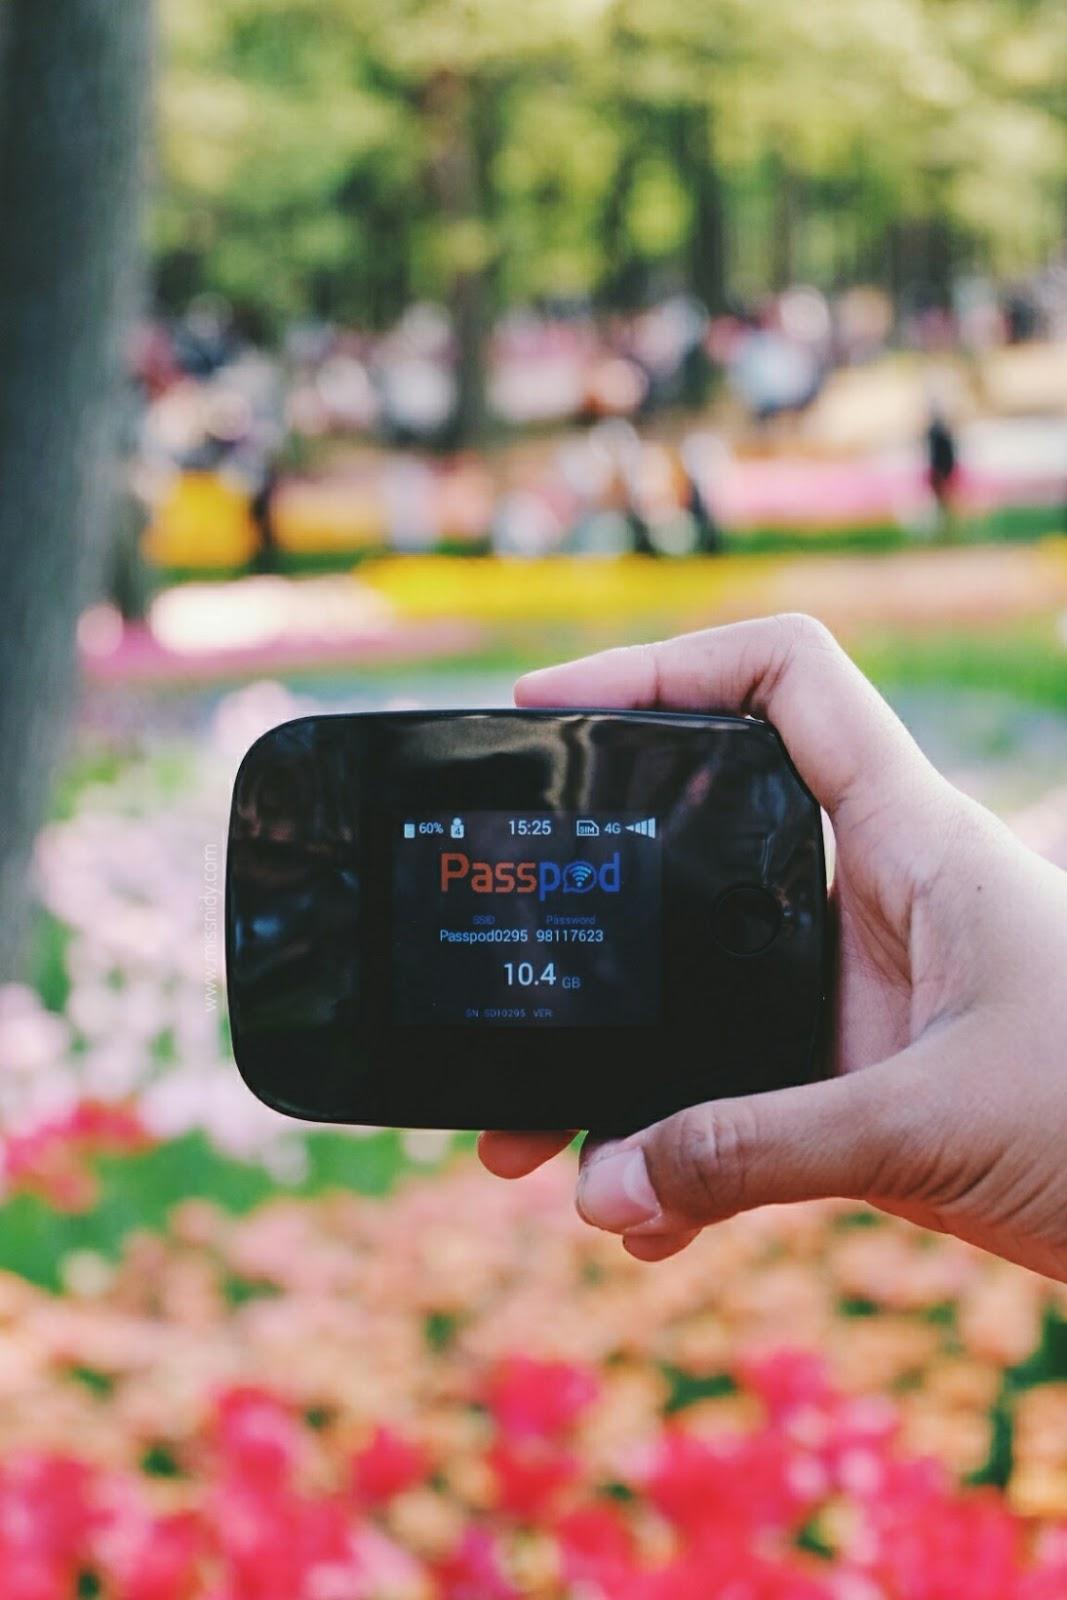 pengalaman sewa wifi mruah ke jepang